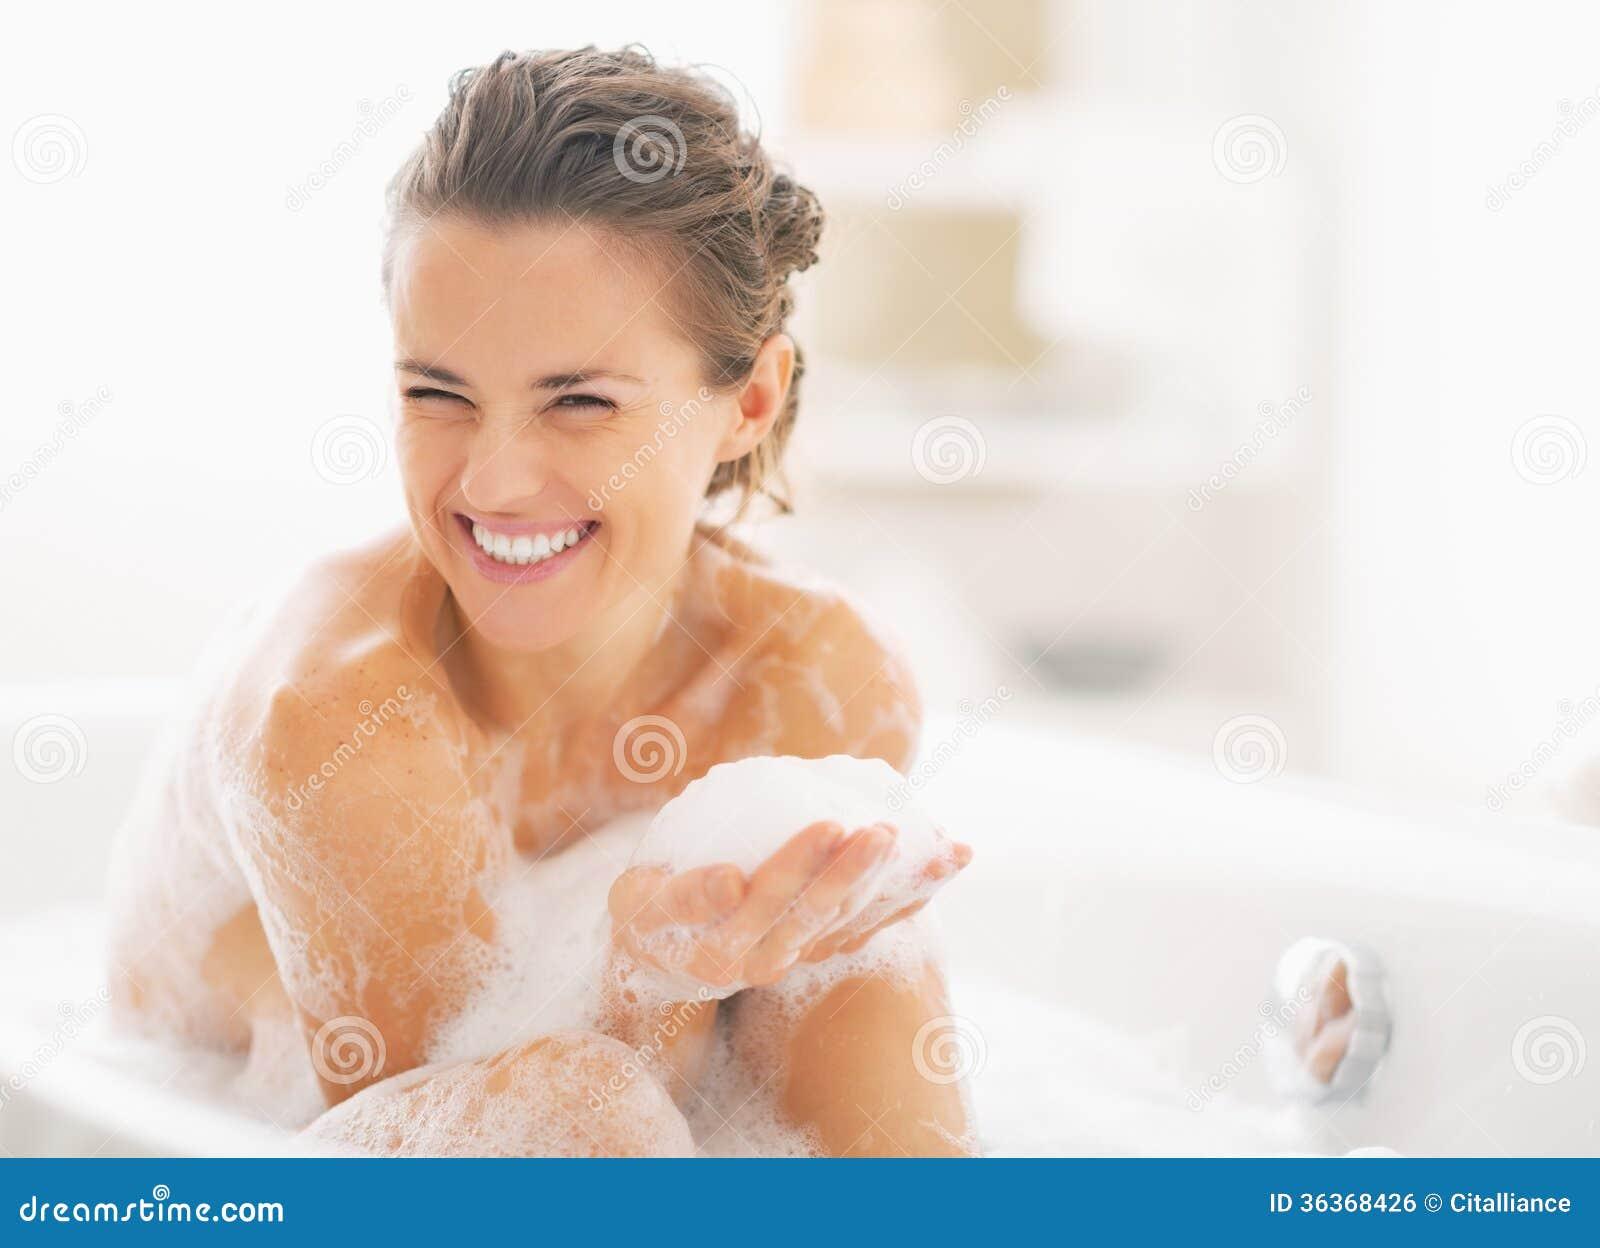 Портрет счастливой молодой женщины играя с пеной в ванне